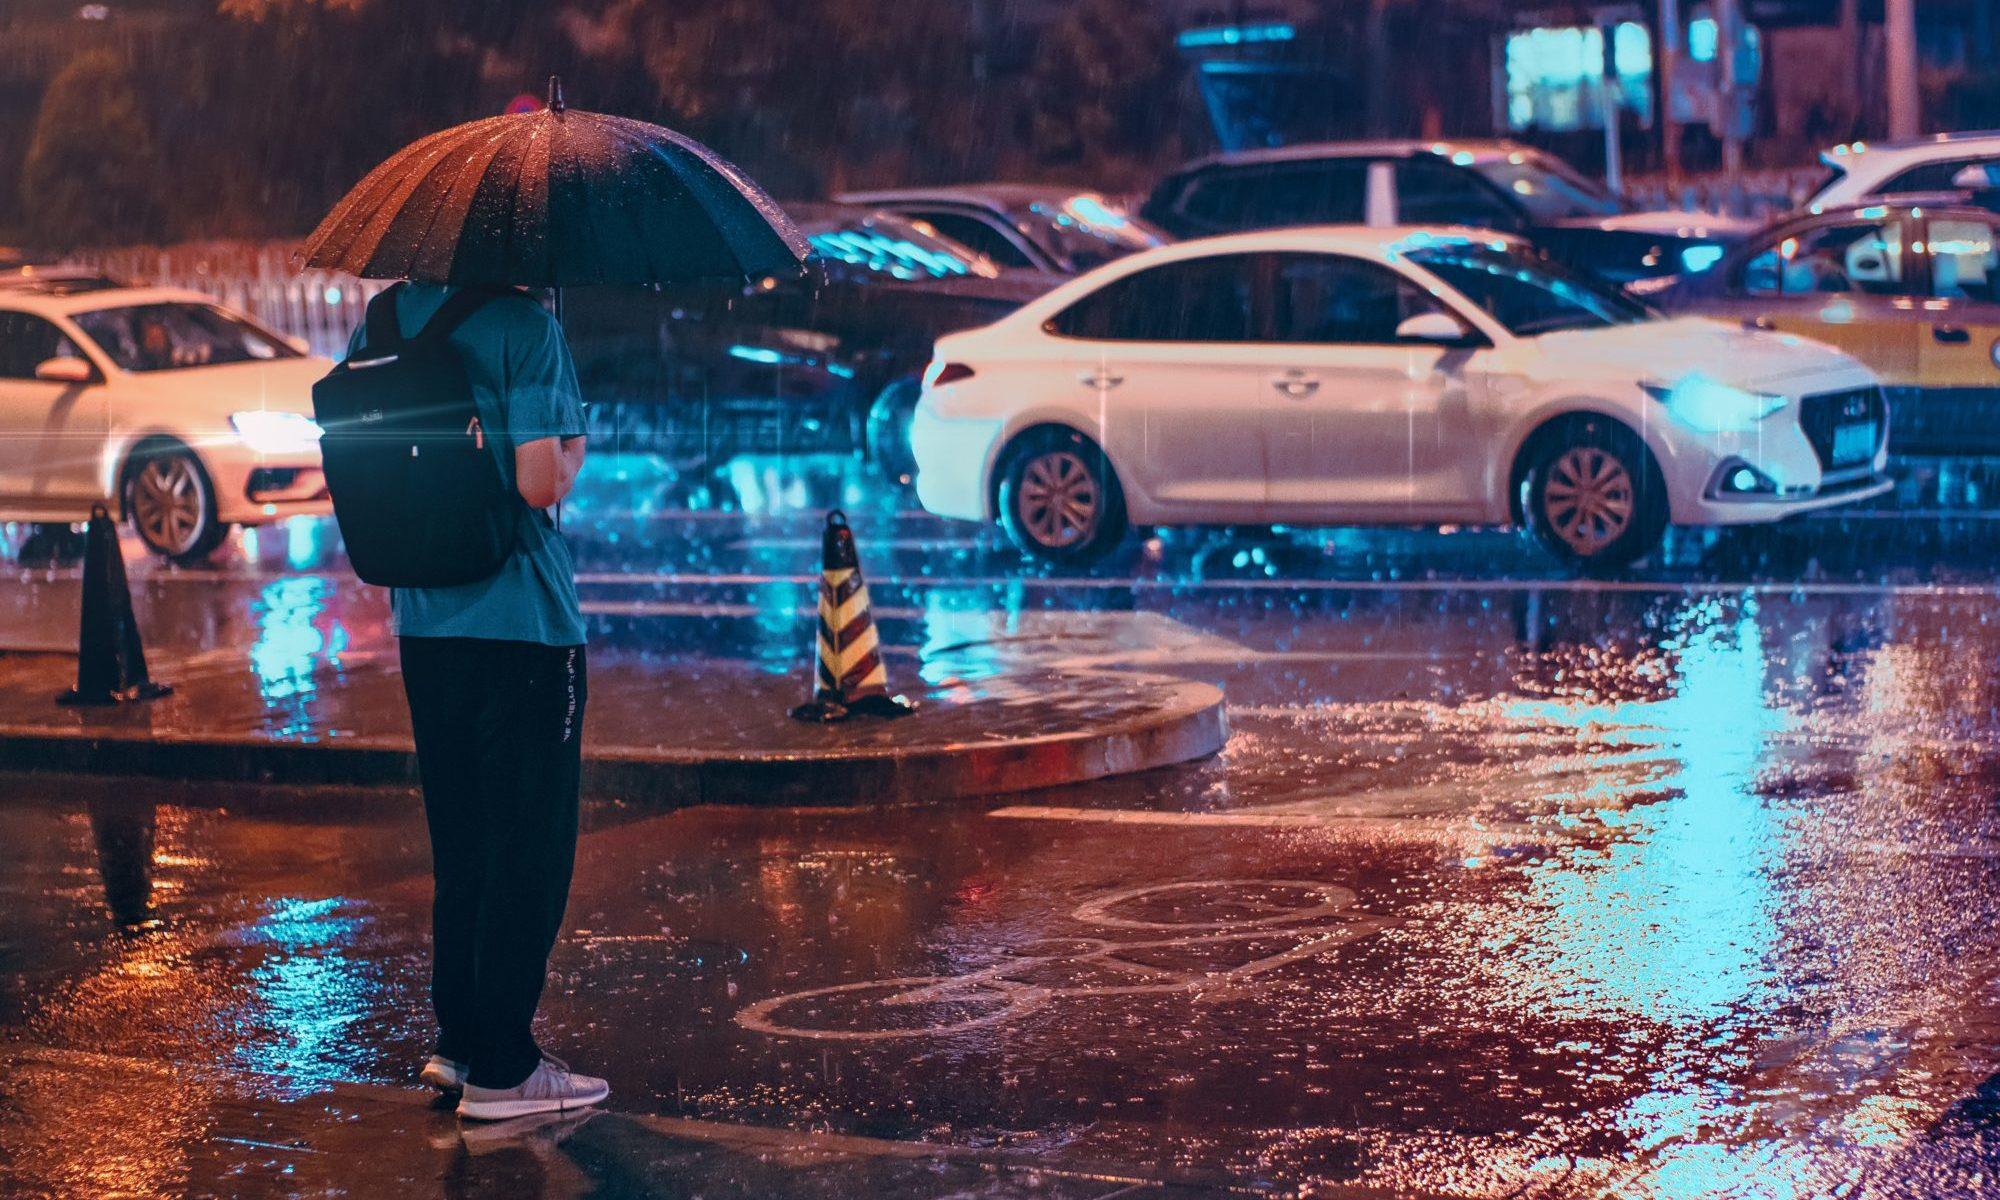 雨の中の男